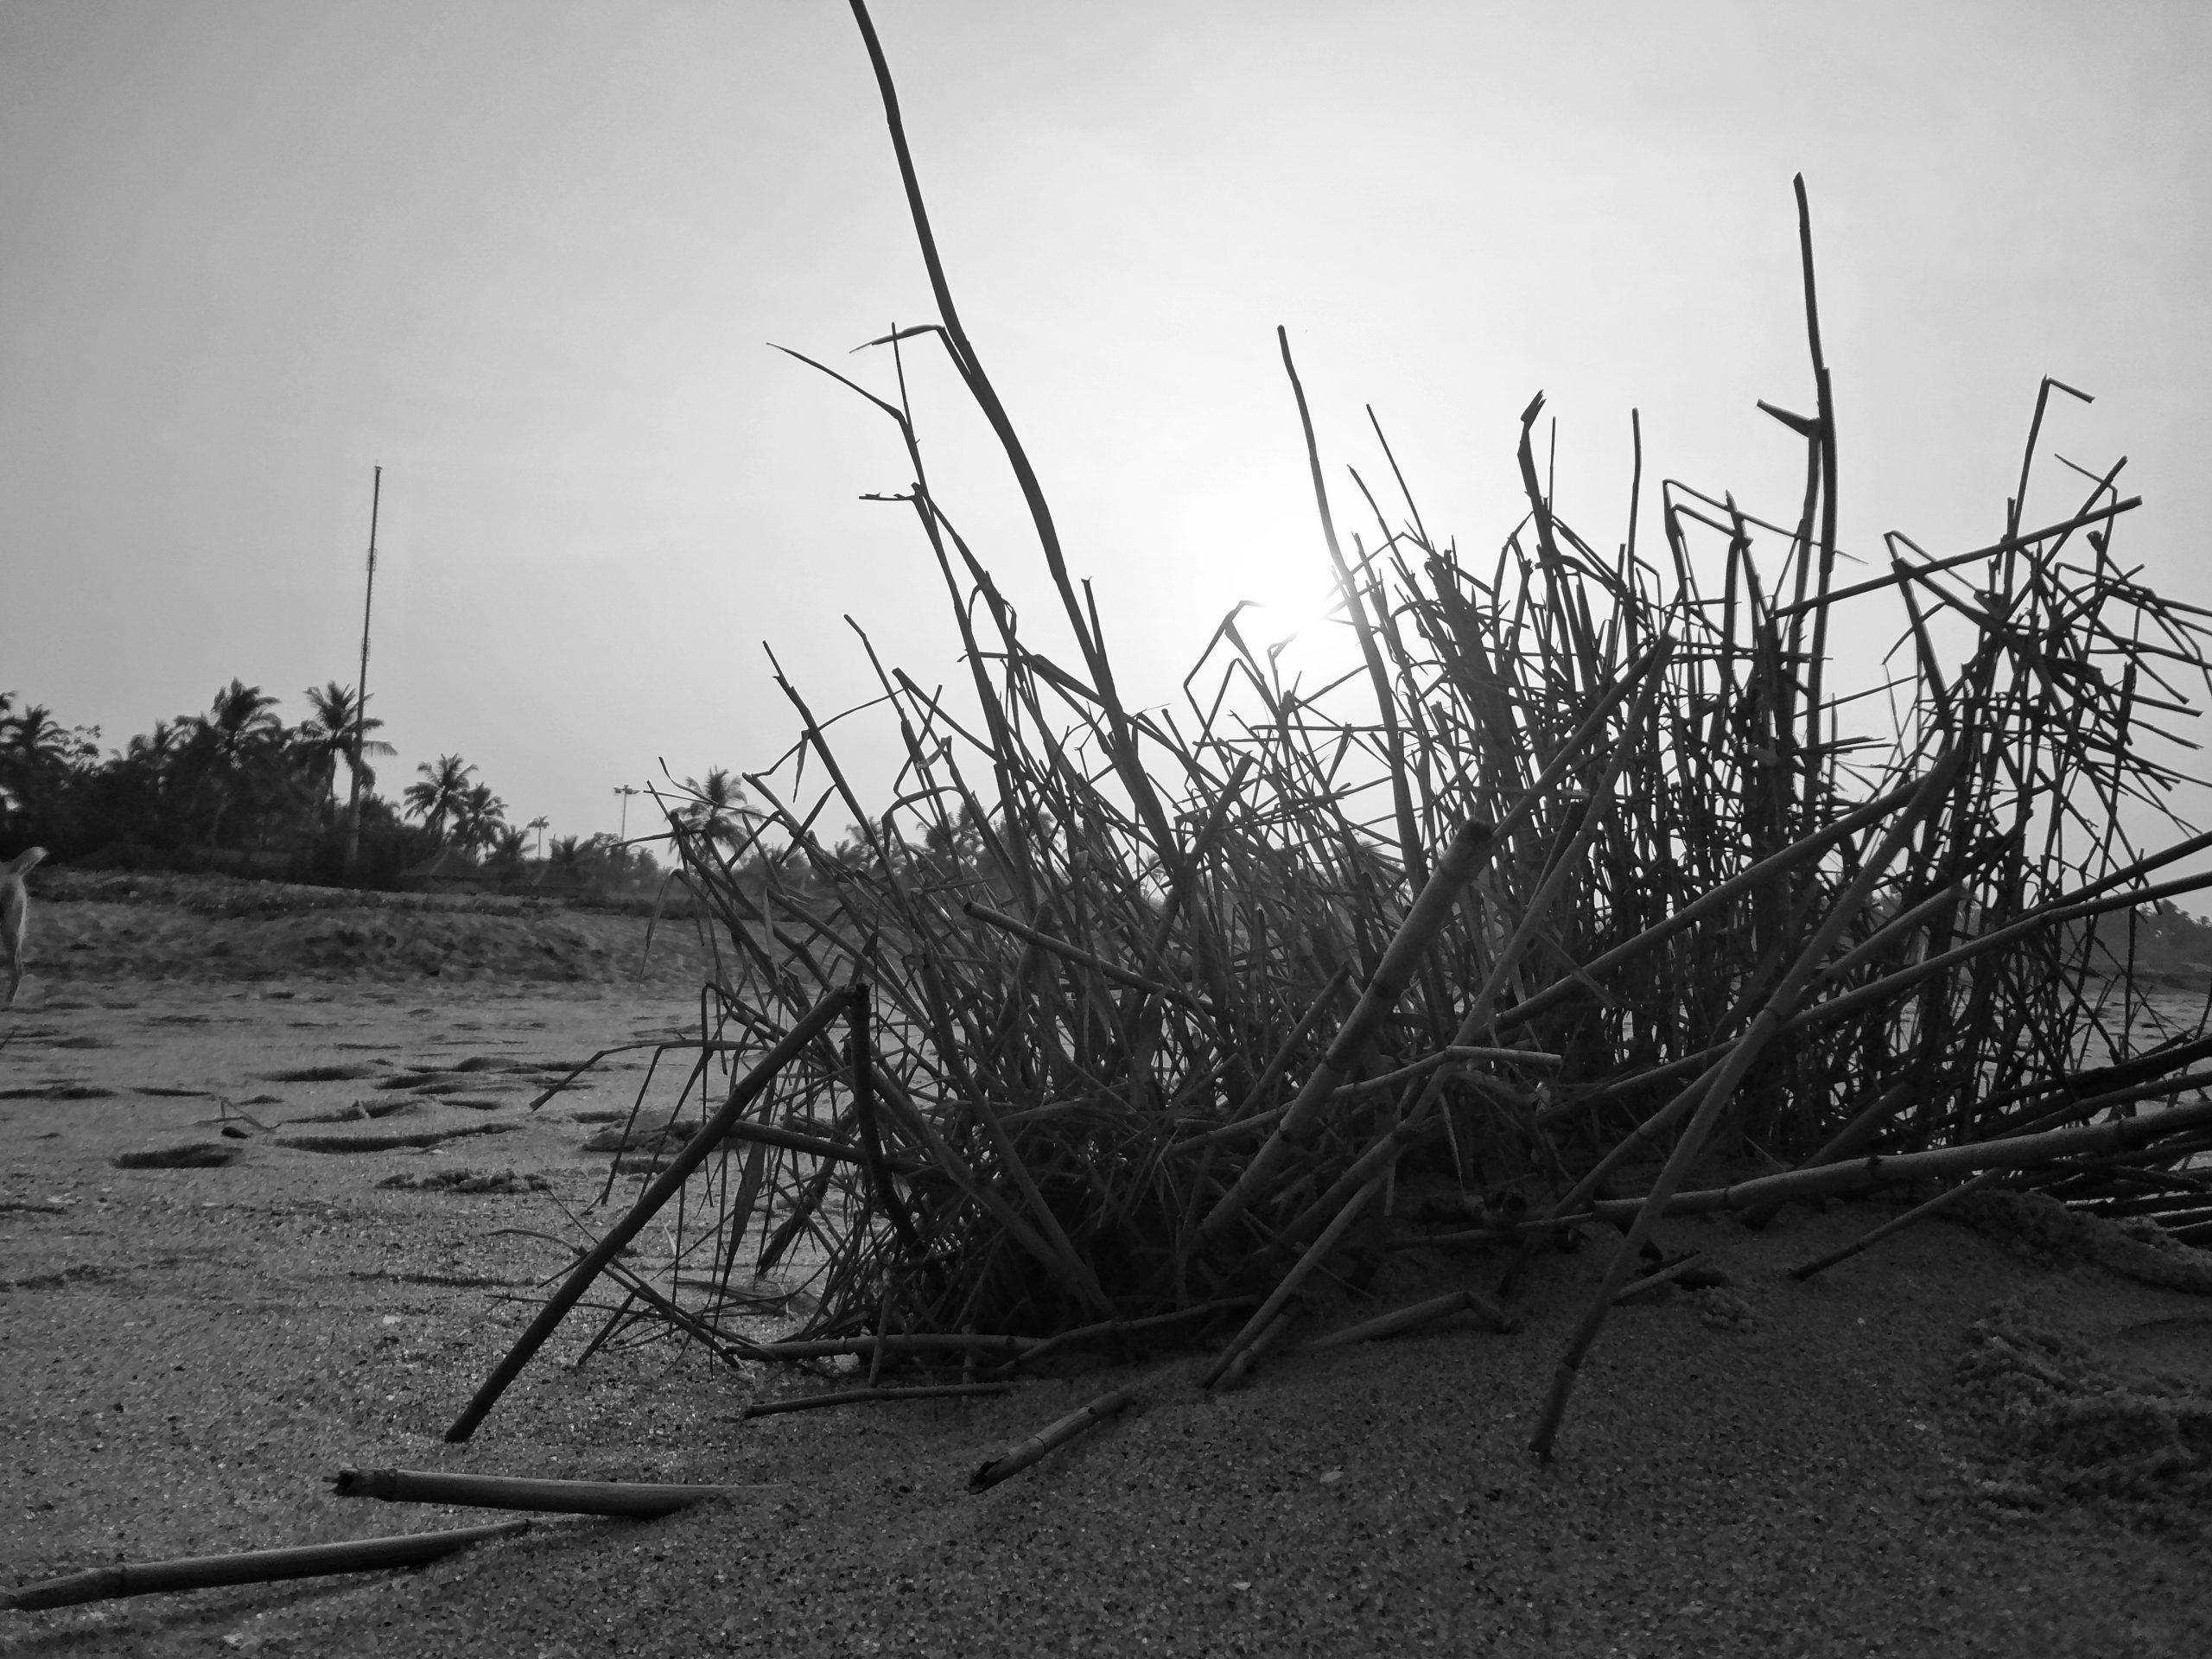 Grass at a beach